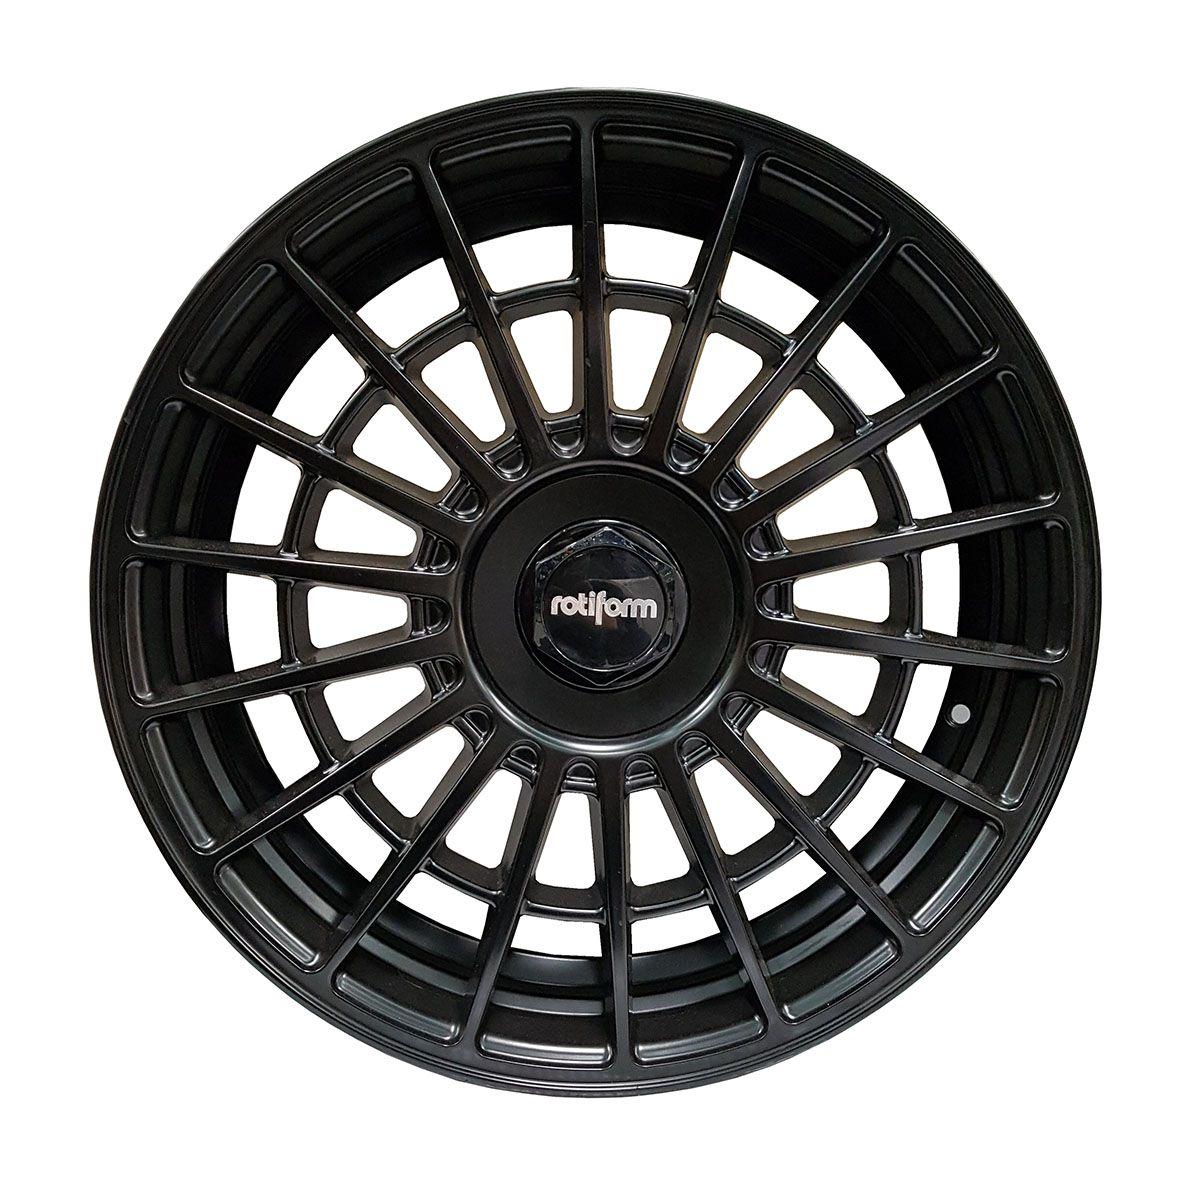 Jogo de Rodas Aro 20 Rotiform LAS R BLACK